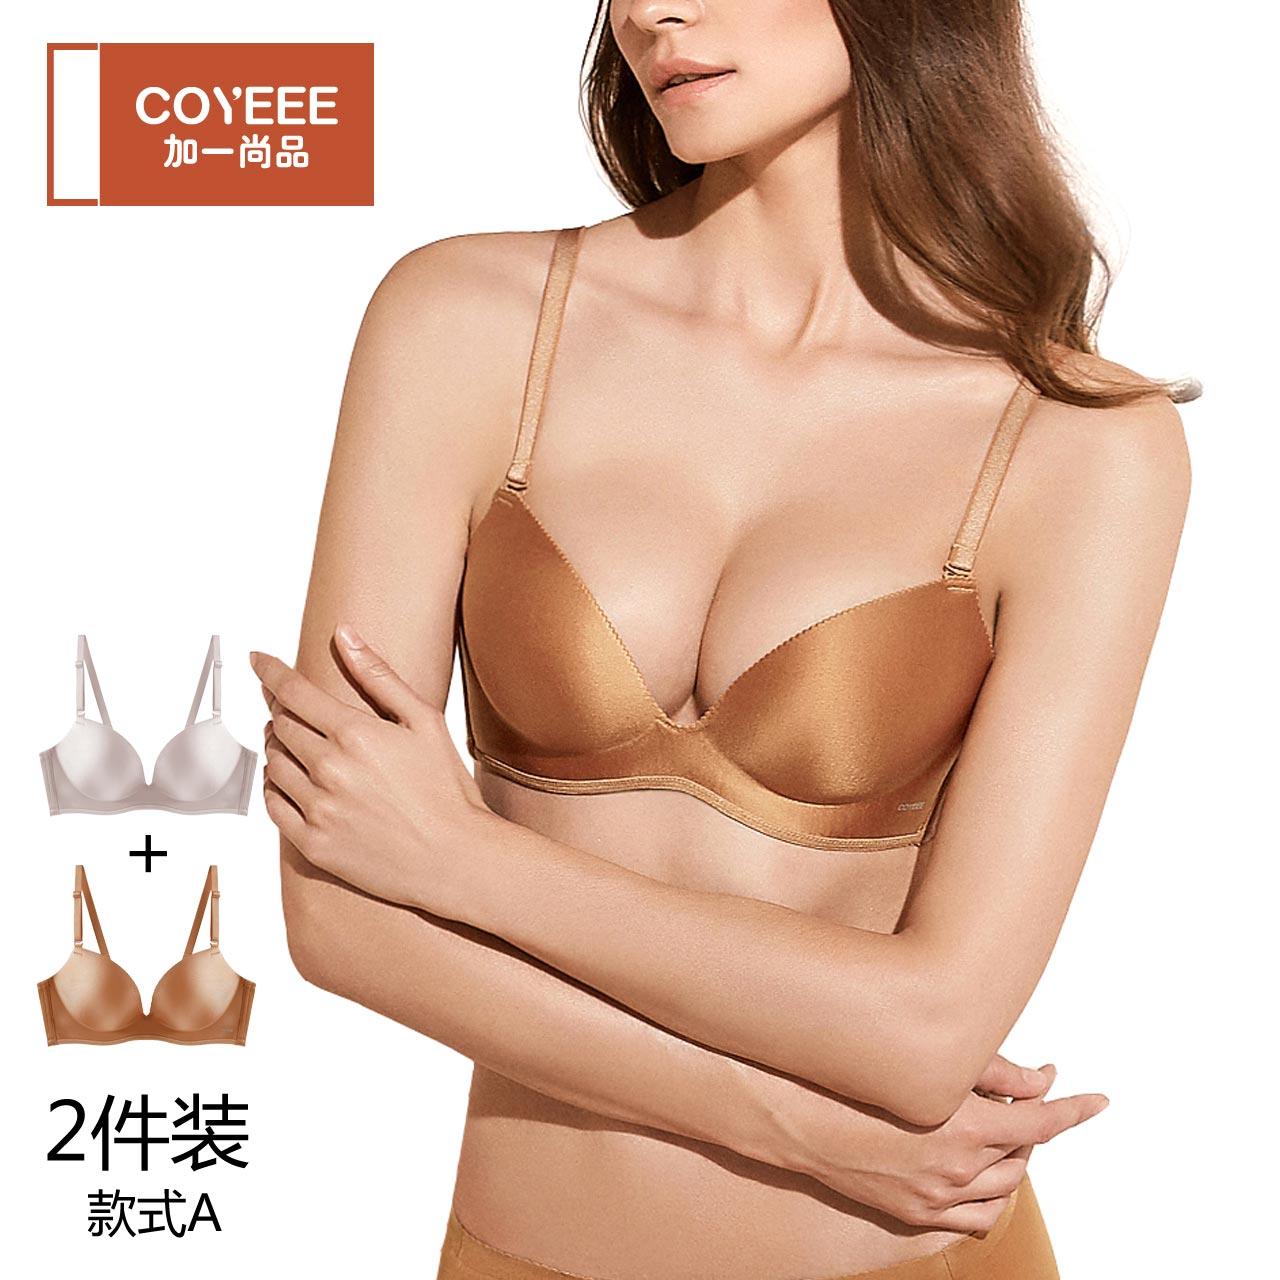 【2件装】COYEEE加一尚品内衣女 无钢圈无痕聚拢文胸